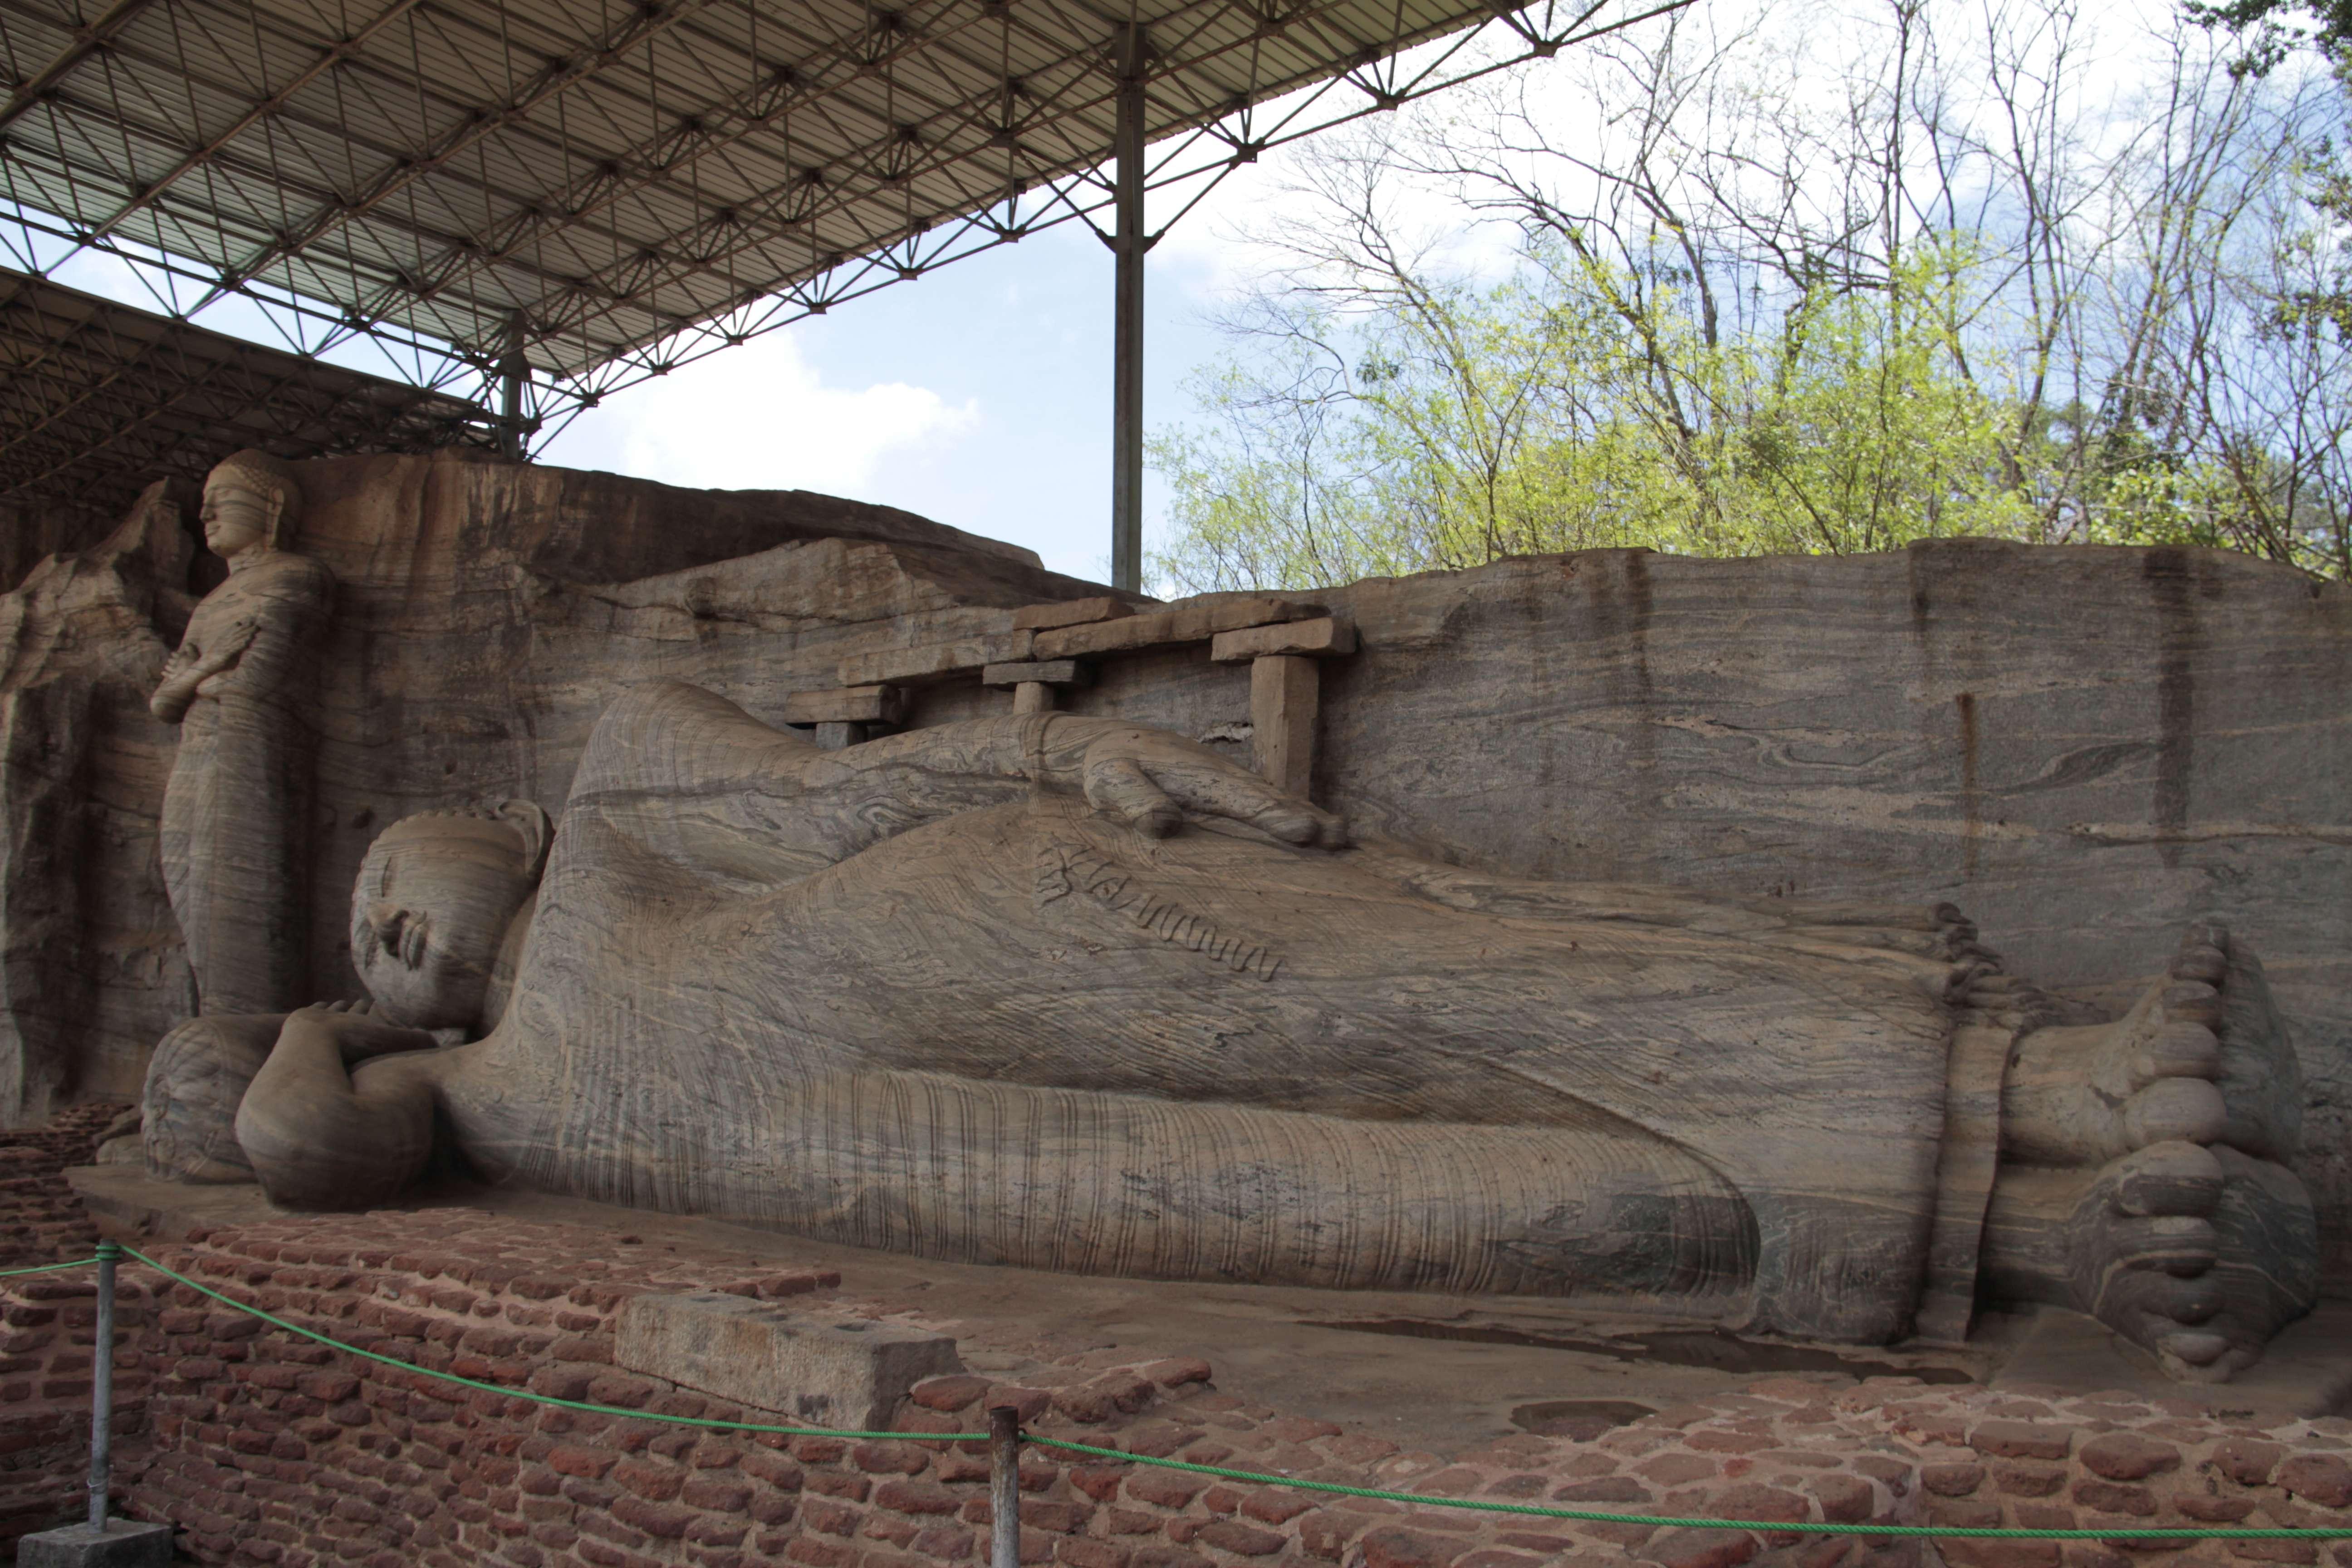 Sri Lanka aout 2017_0300 Polonnaruwa Kalu Gal Vihara